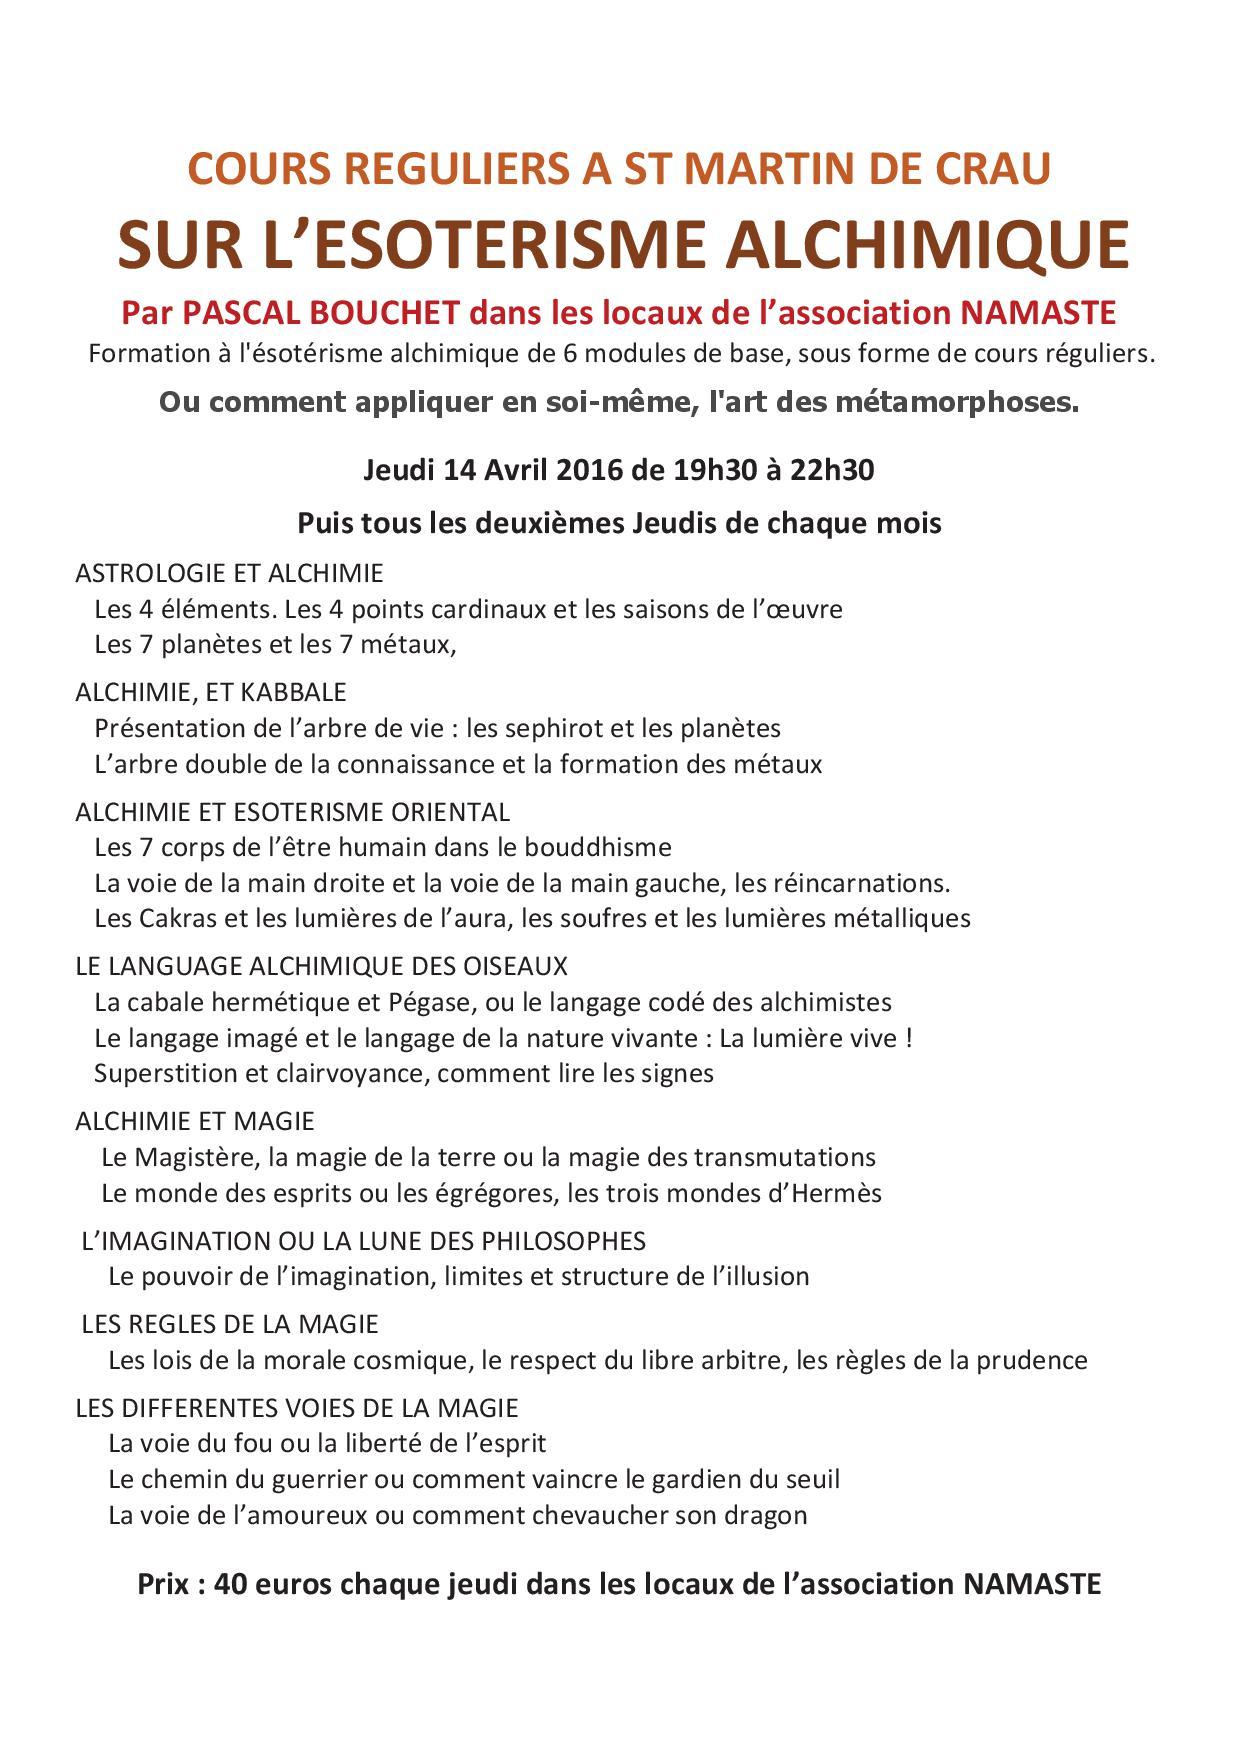 Cours a st martin de crau 14 04 16